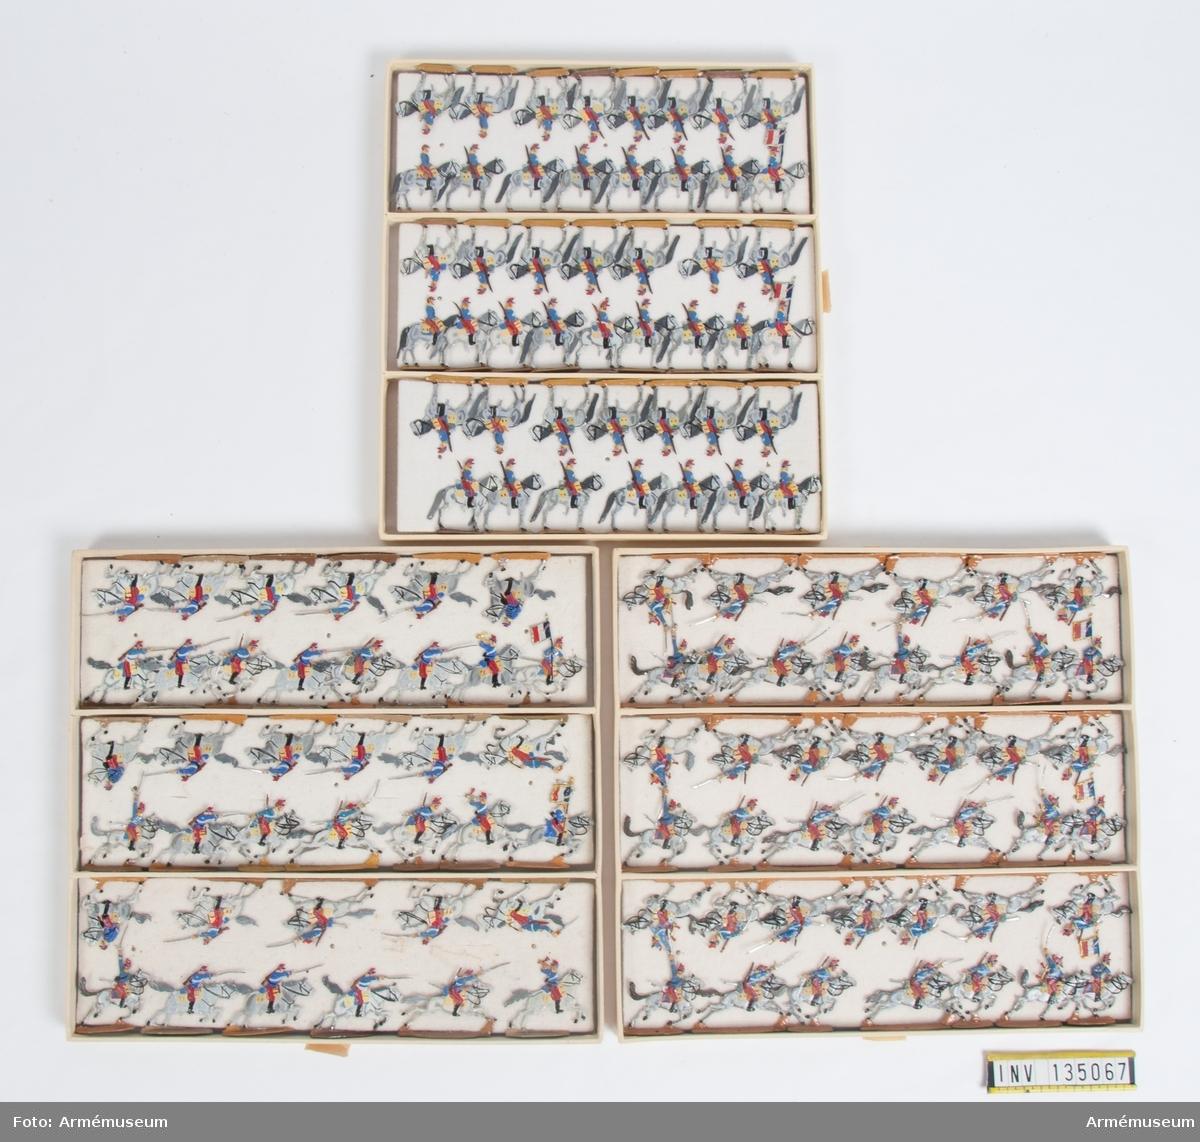 Kavalleri från Frankrike från Fransk-tyska kriget. Tre lådor med figurer. Fabriksmålade.